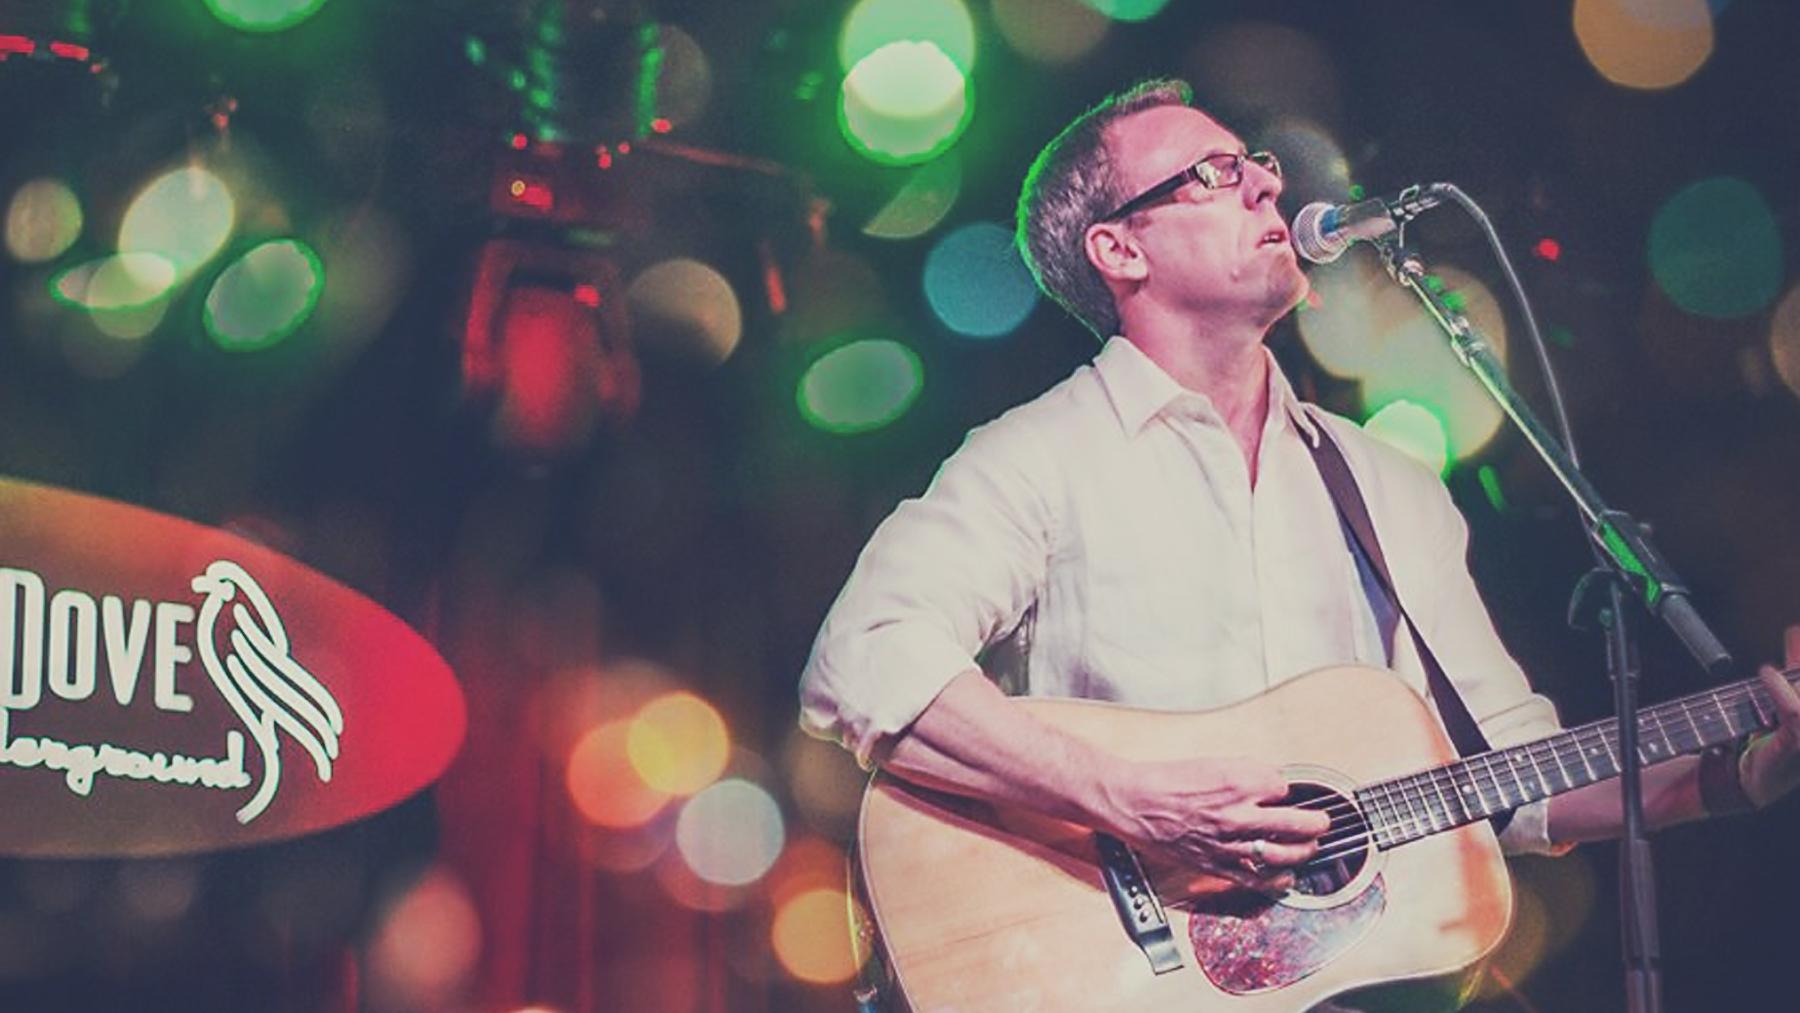 Jeremy_Dion__Singer_Songwriter_Boulder_Colorado_1.jpg